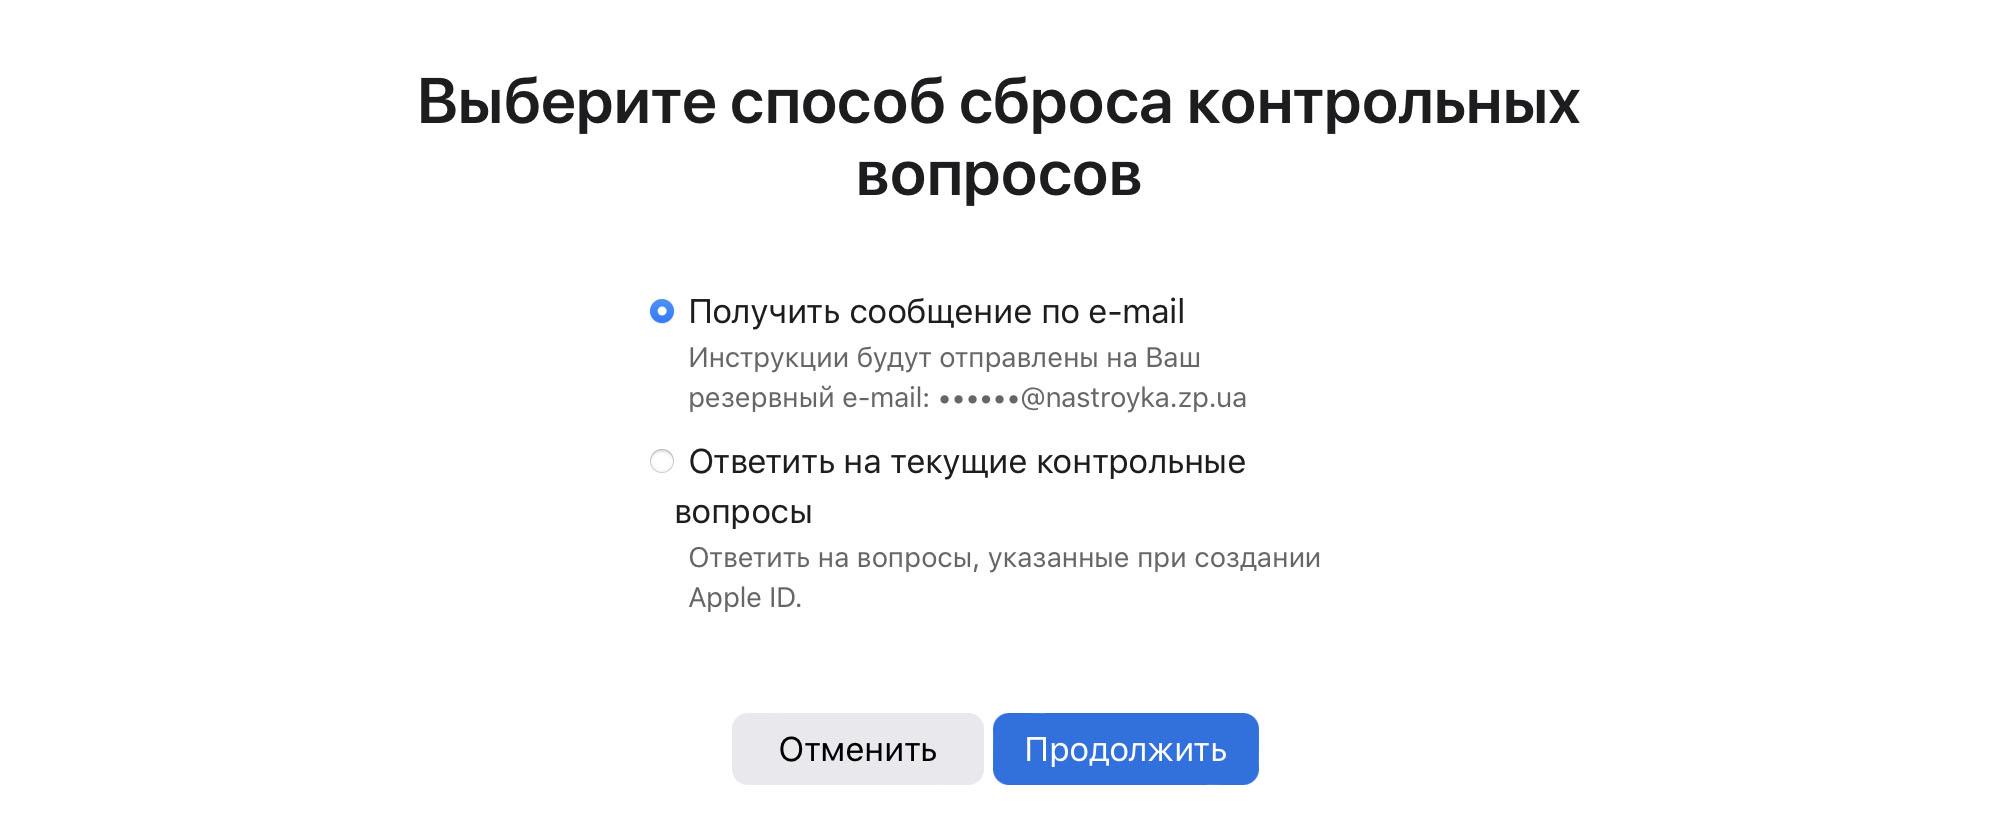 Как сбросить секретные вопросы для apple id nastroyka zp ua  Как сбросить секретные вопросы для apple id 3